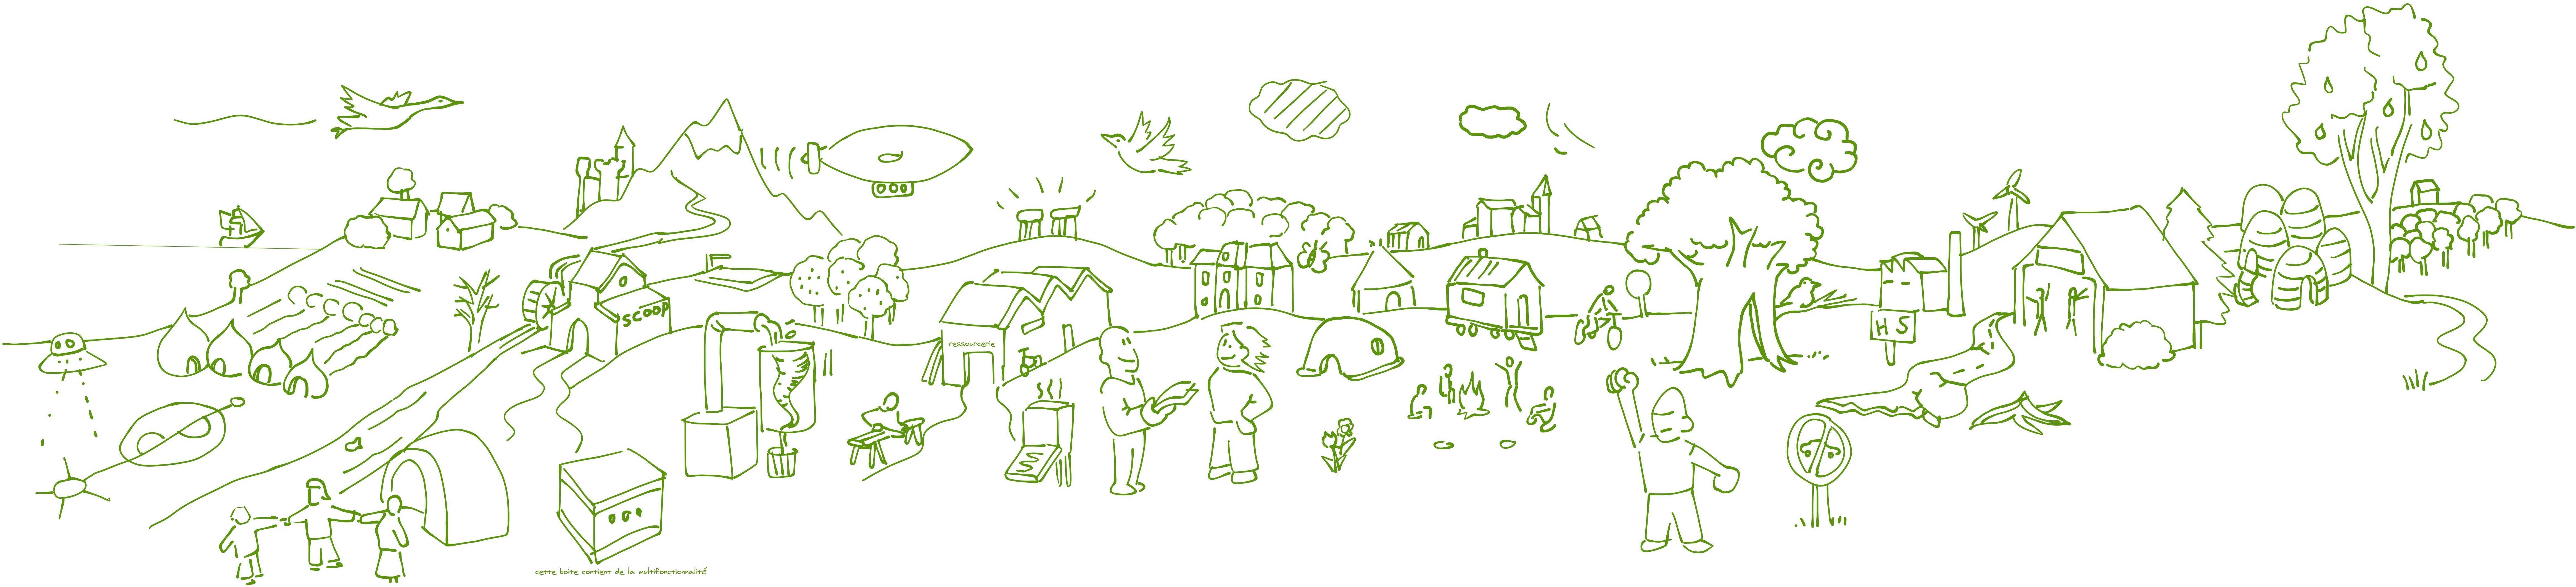 Dessin réalisé par Miko Kontente Lien vers: https://www.colibris-lemouvement.org/magazine/faire-ensemble-pour-rever-et-construire-son-territoire